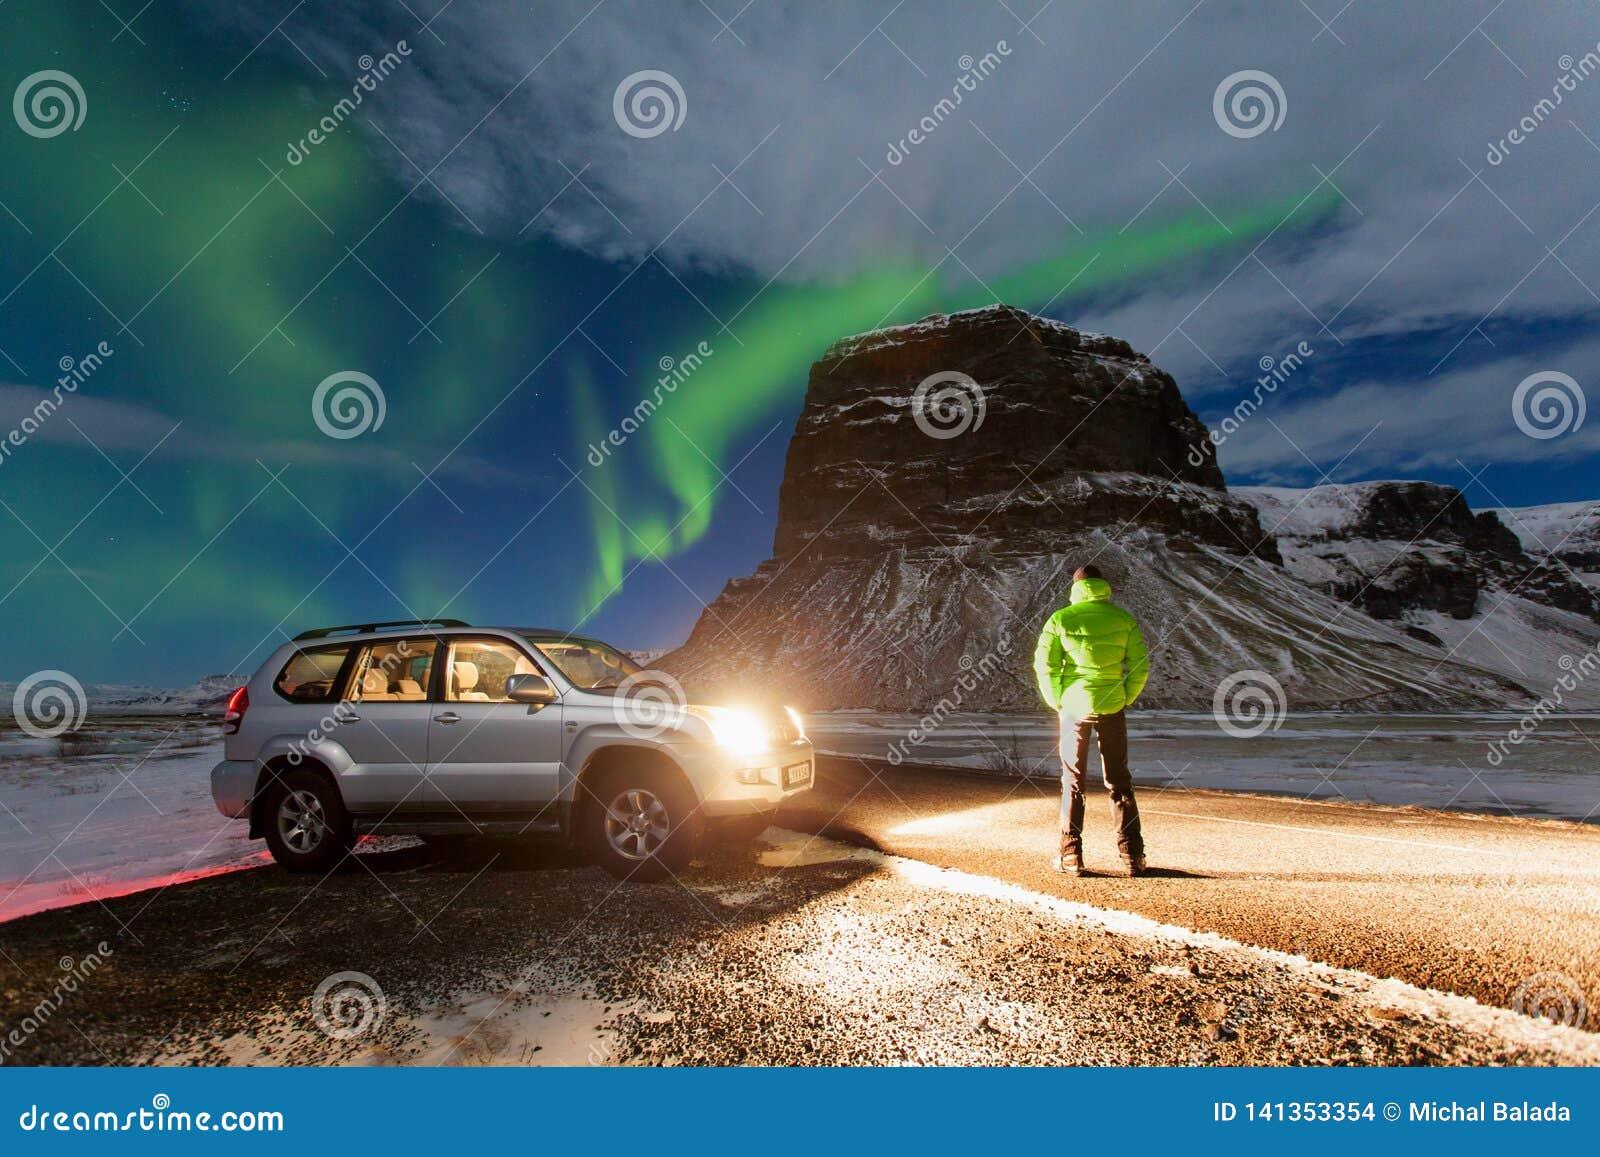 Norrsken ovanför mannen och bilen i Island nordliga klartecken Stjärnklar himmel med polara ljus